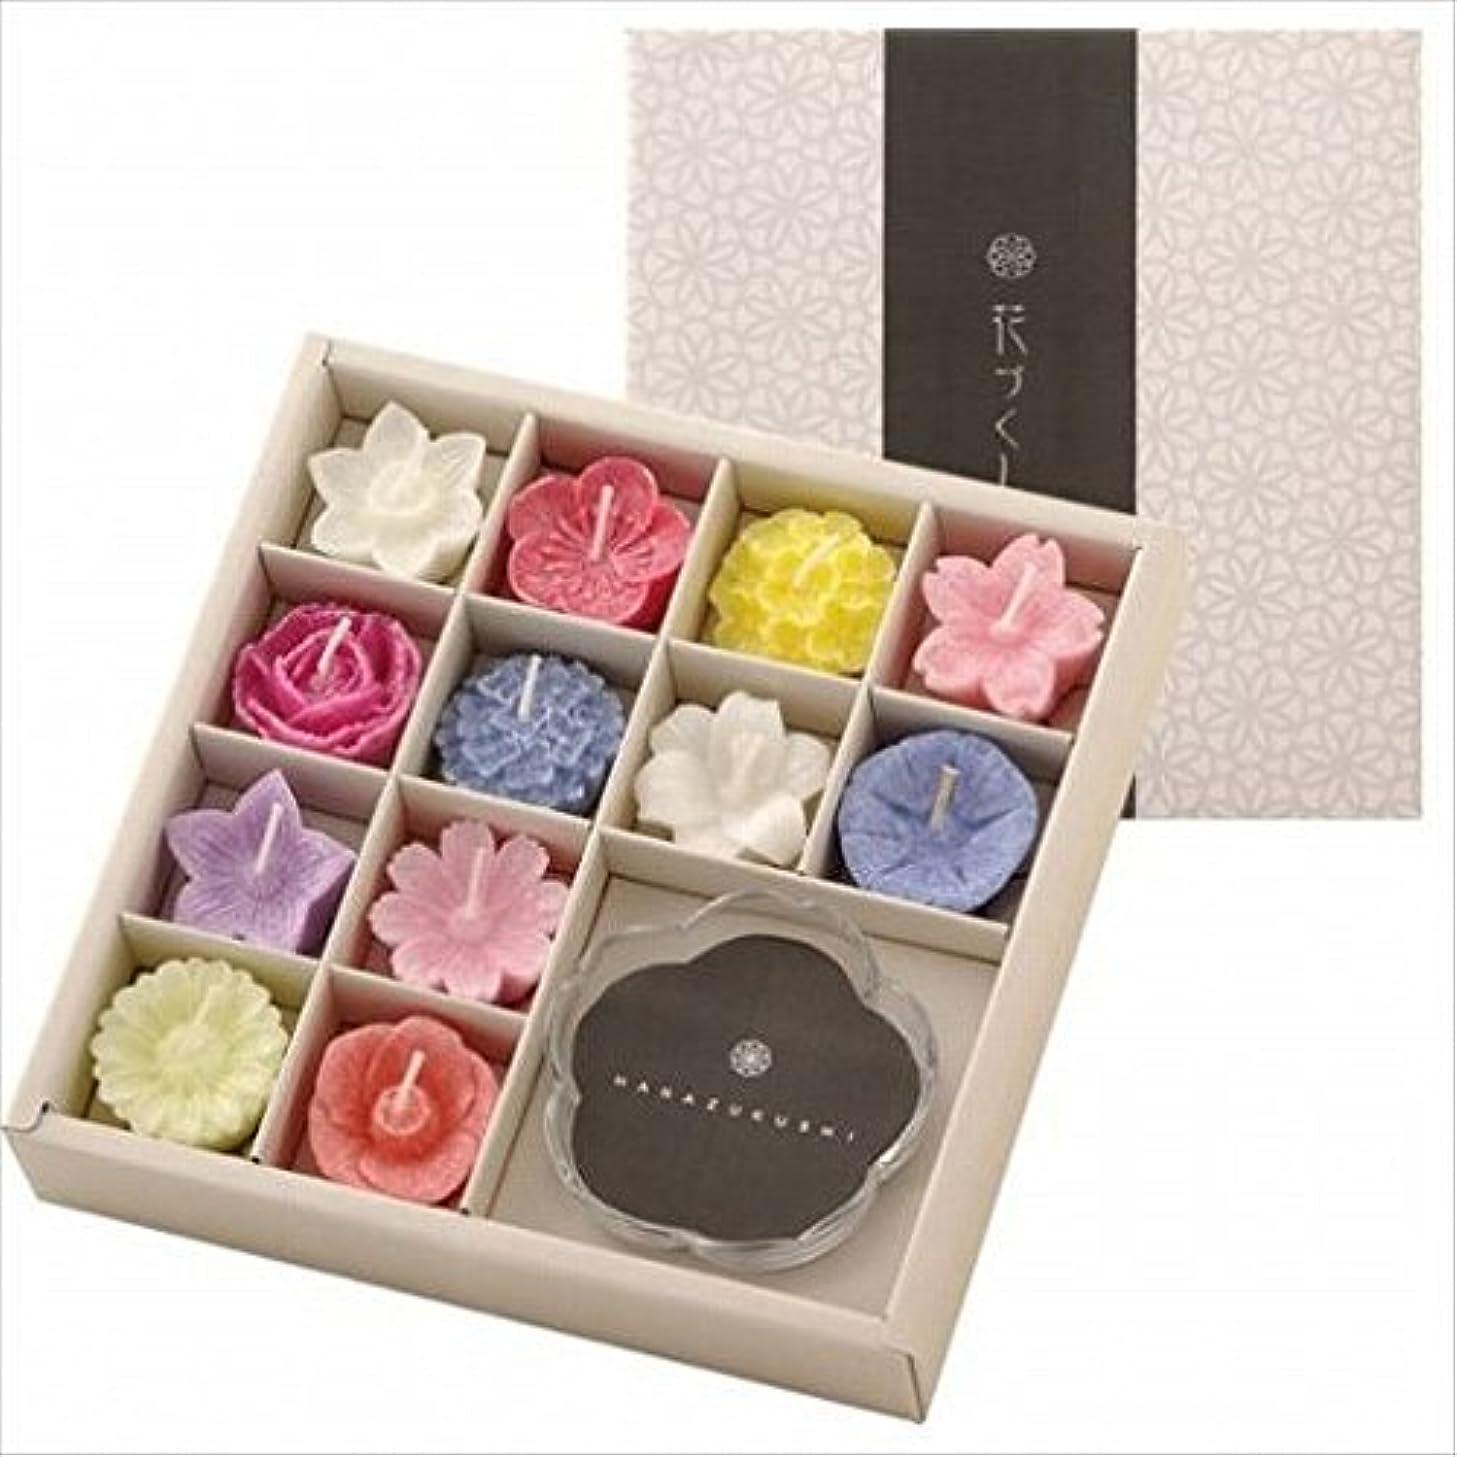 甘くする逆にズームkameyama candle(カメヤマキャンドル) 花づくしギフトセット(植物性) キャンドル(96200700)